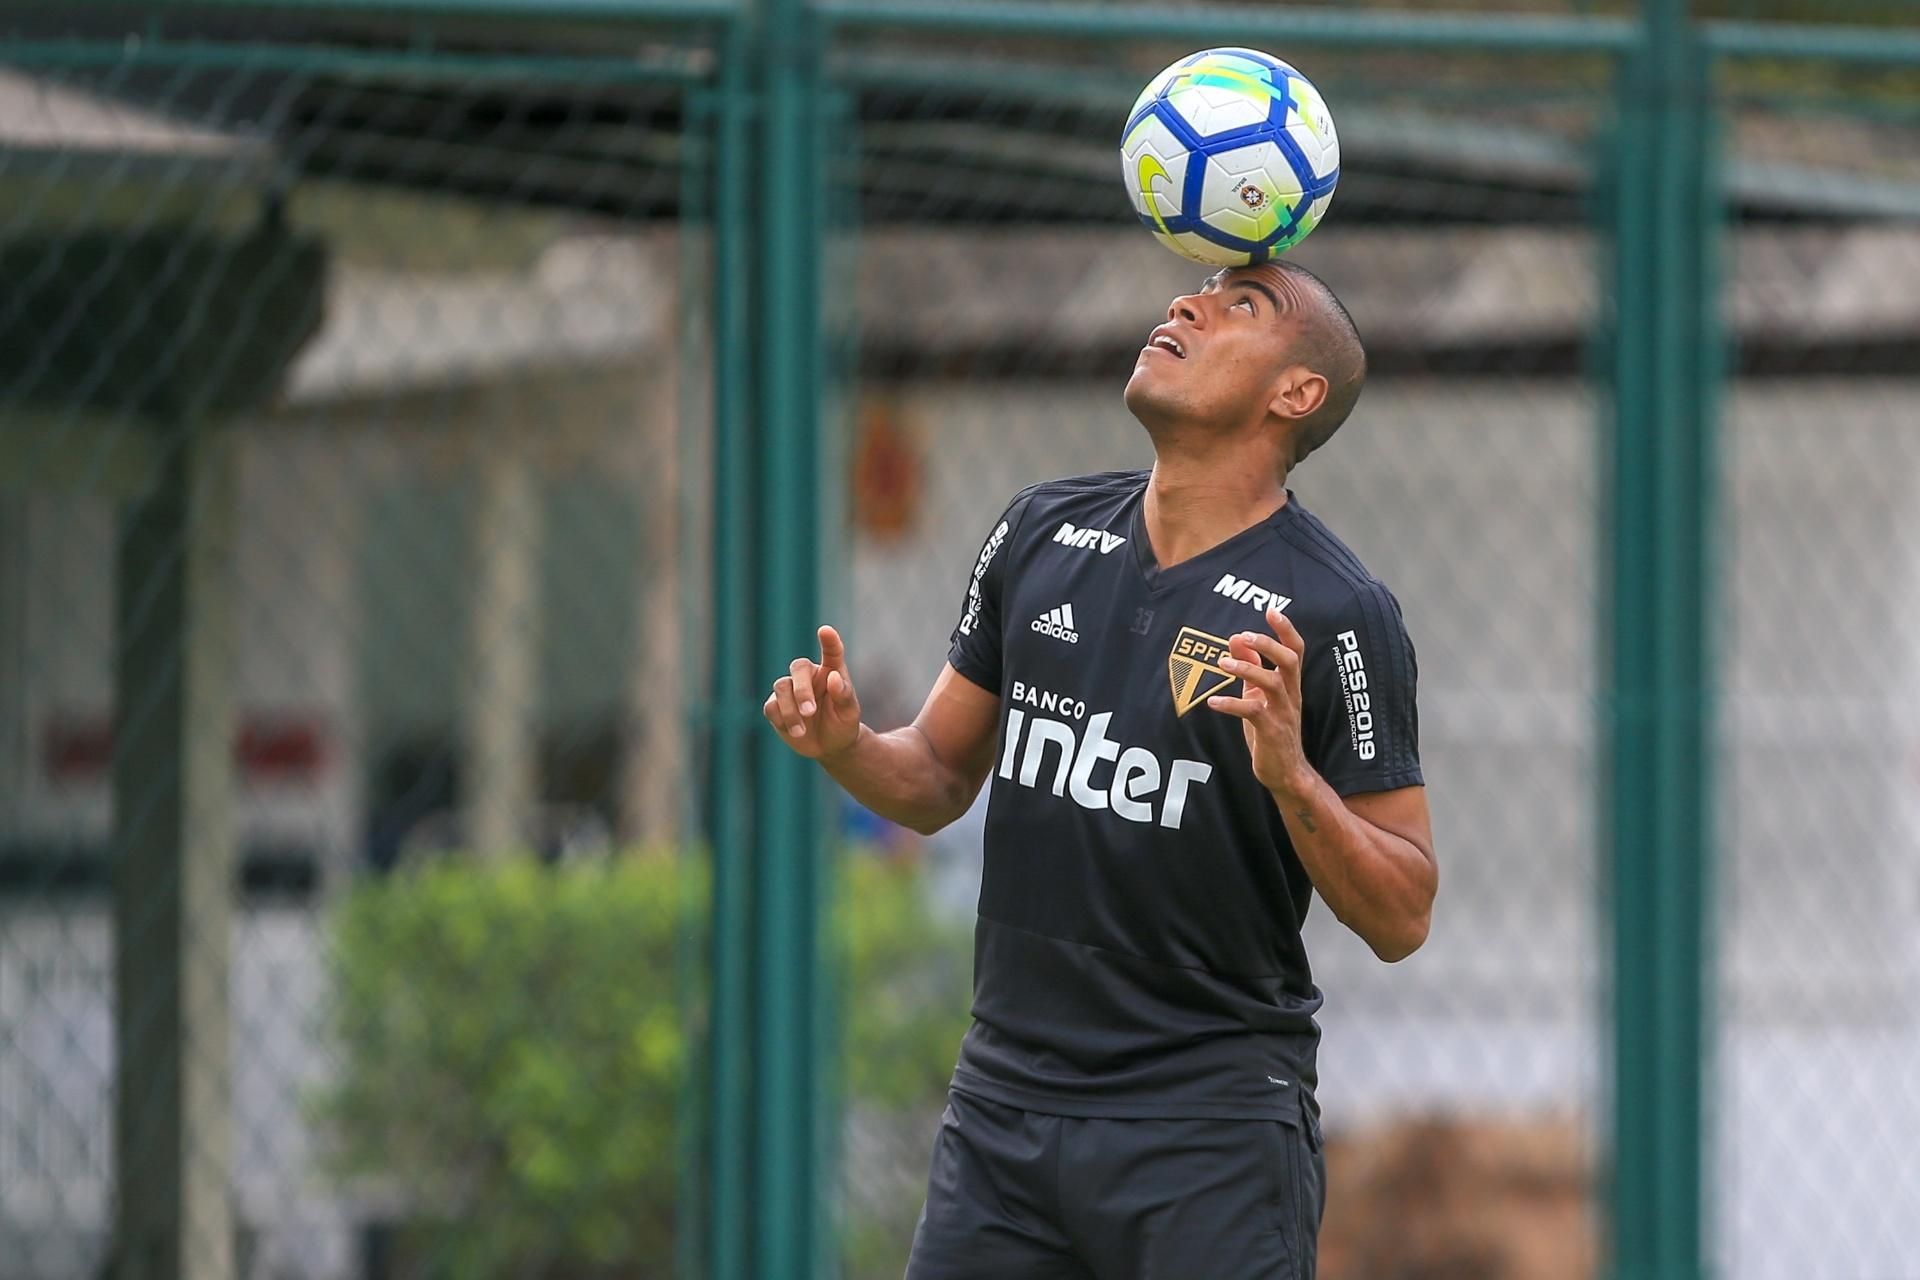 São Paulo decide rescindir contrato de Régis por causa de problema pessoal  - 03 10 2018 - UOL Esporte 2f7b8bb0137da